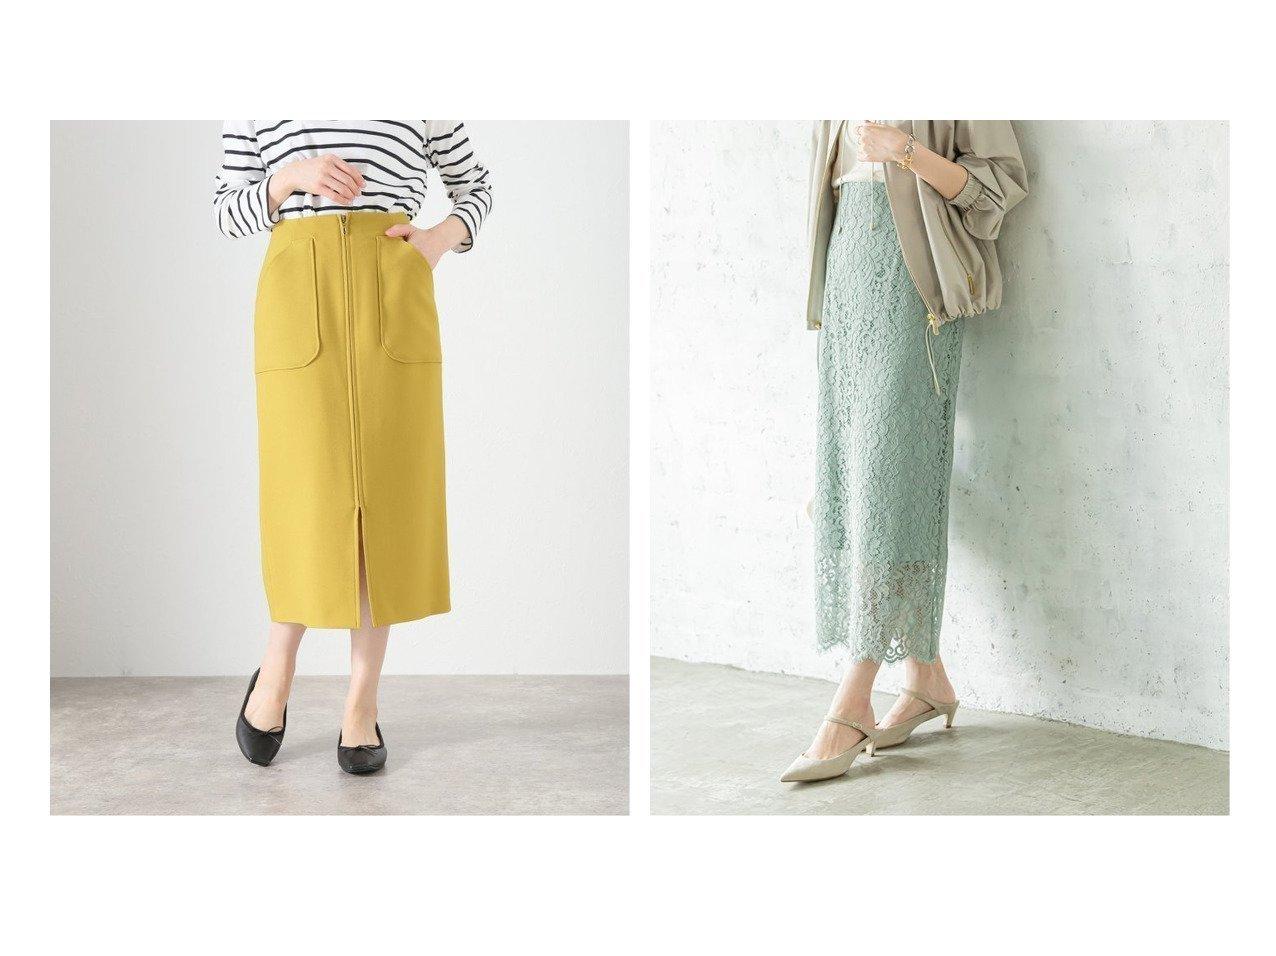 【NOBLE / Spick & Span/ノーブル / スピック&スパン】のリバーレース Iラインスカート&【La TOTALITE/ラ トータリテ】のポケットジップタイトスカート 【スカート】おすすめ!人気、トレンド・レディースファッションの通販 おすすめで人気の流行・トレンド、ファッションの通販商品 メンズファッション・キッズファッション・インテリア・家具・レディースファッション・服の通販 founy(ファニー) https://founy.com/ ファッション Fashion レディースファッション WOMEN スカート Skirt エレガント 春 Spring タイトスカート レース 2021年 2021 再入荷 Restock/Back in Stock/Re Arrival S/S・春夏 SS・Spring/Summer 2021春夏・S/S SS/Spring/Summer/2021 イエロー カットソー パープル ベーシック ポケット |ID:crp329100000036704